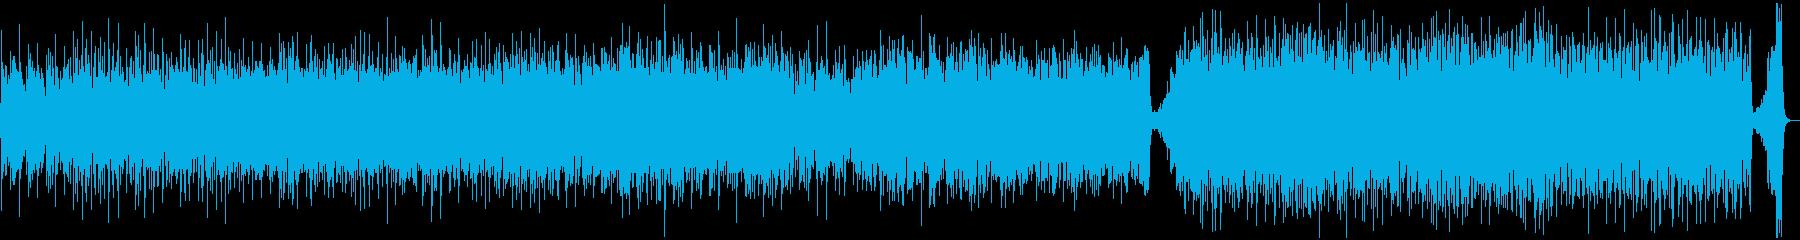 民族音楽・シルクロード・モンゴル・トルコの再生済みの波形